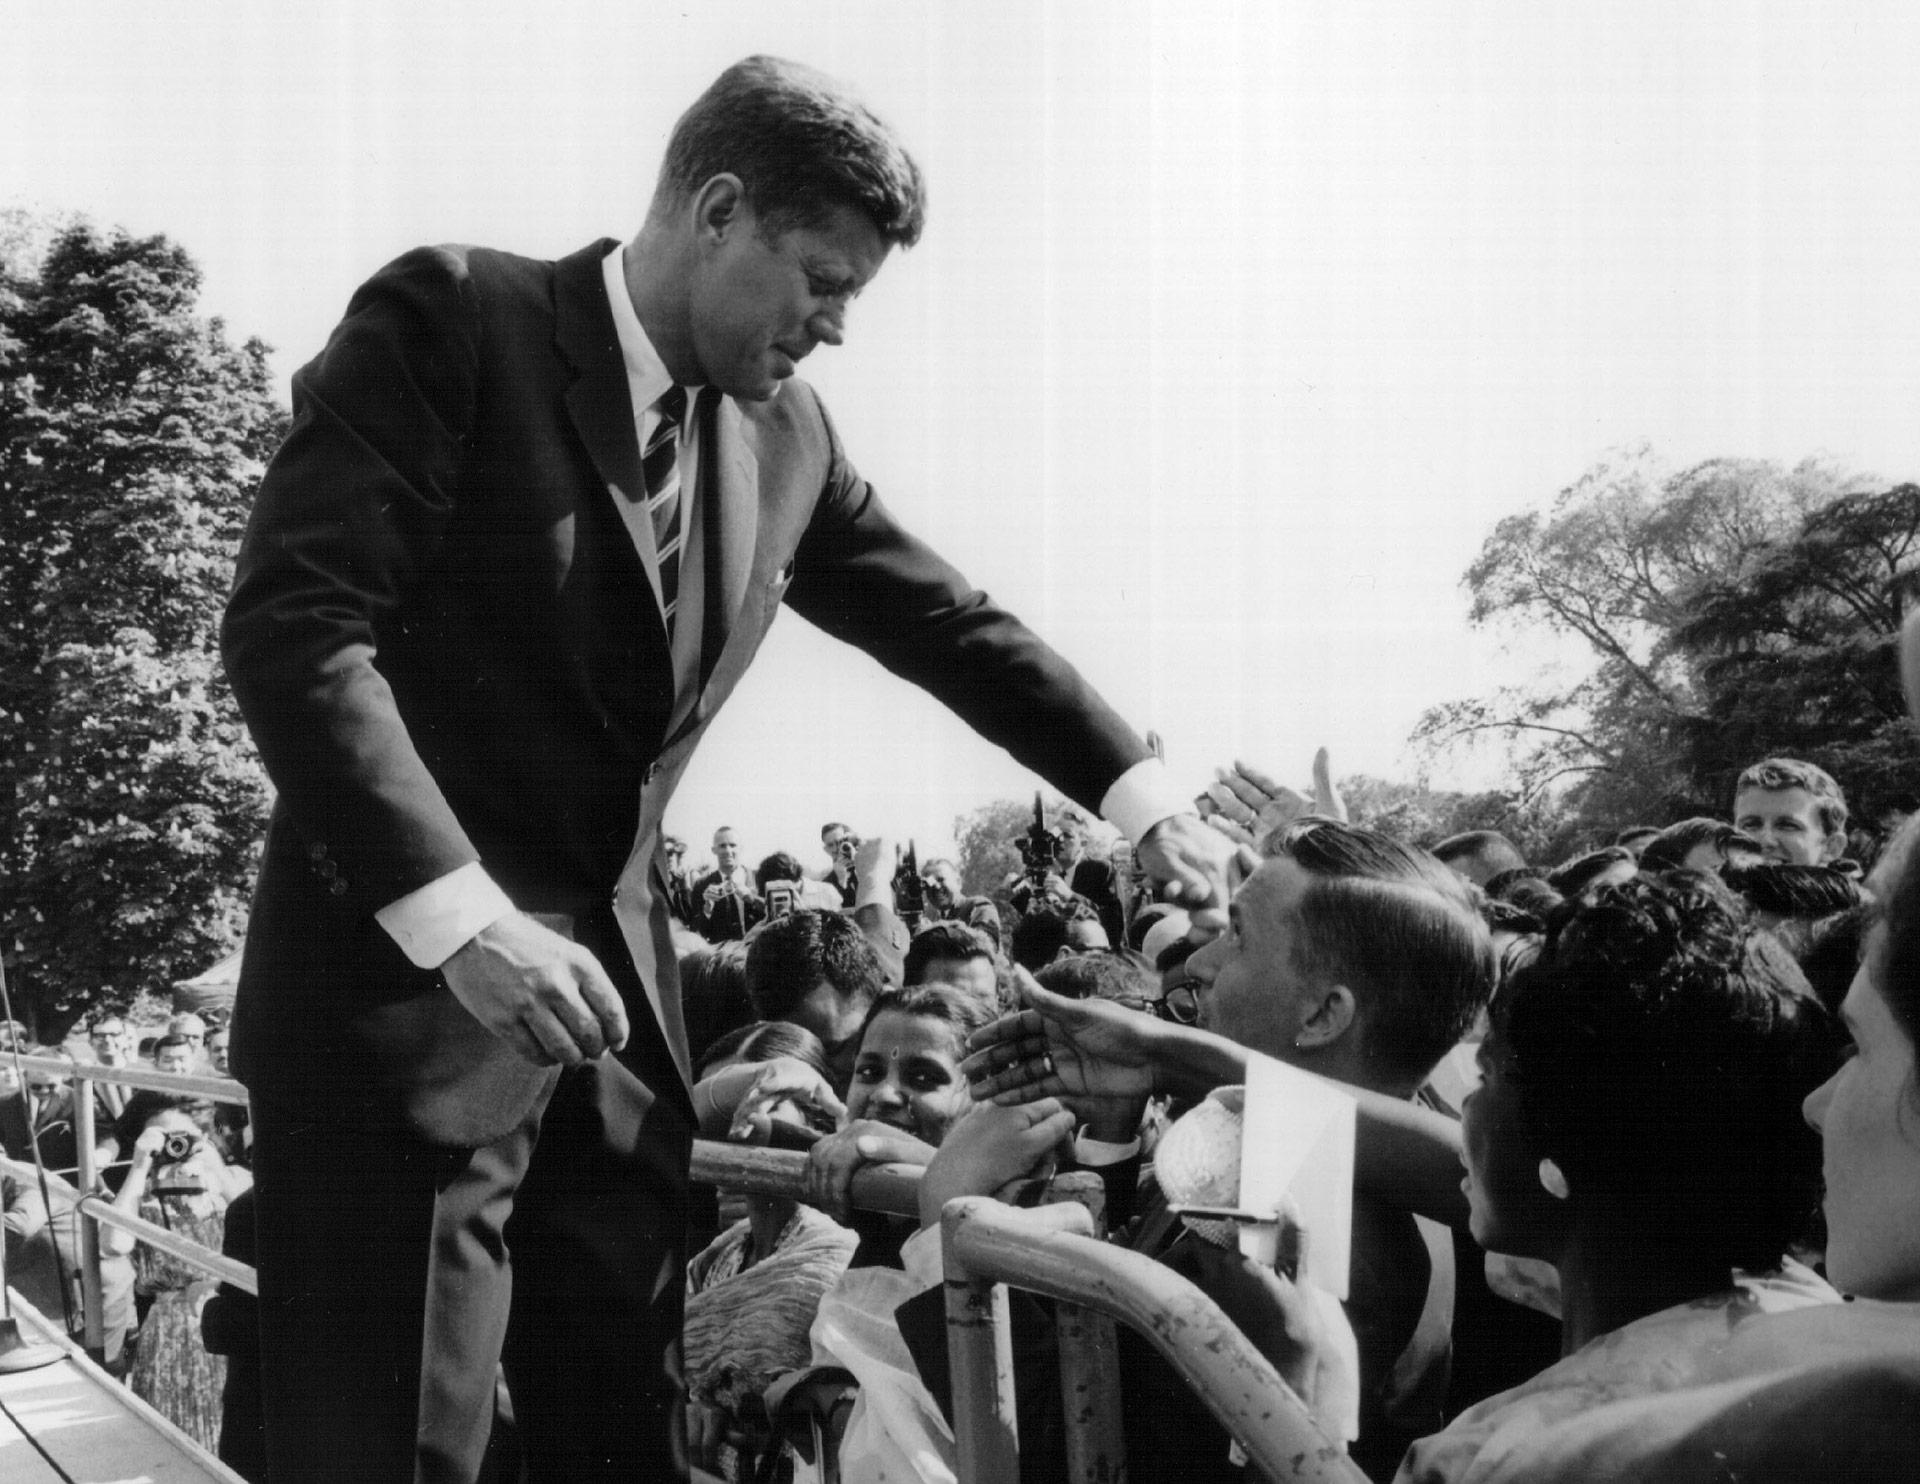 Muchos compatriotas veneran a Kennedy como un símbolo de las esperanzas y aspiraciones de su país